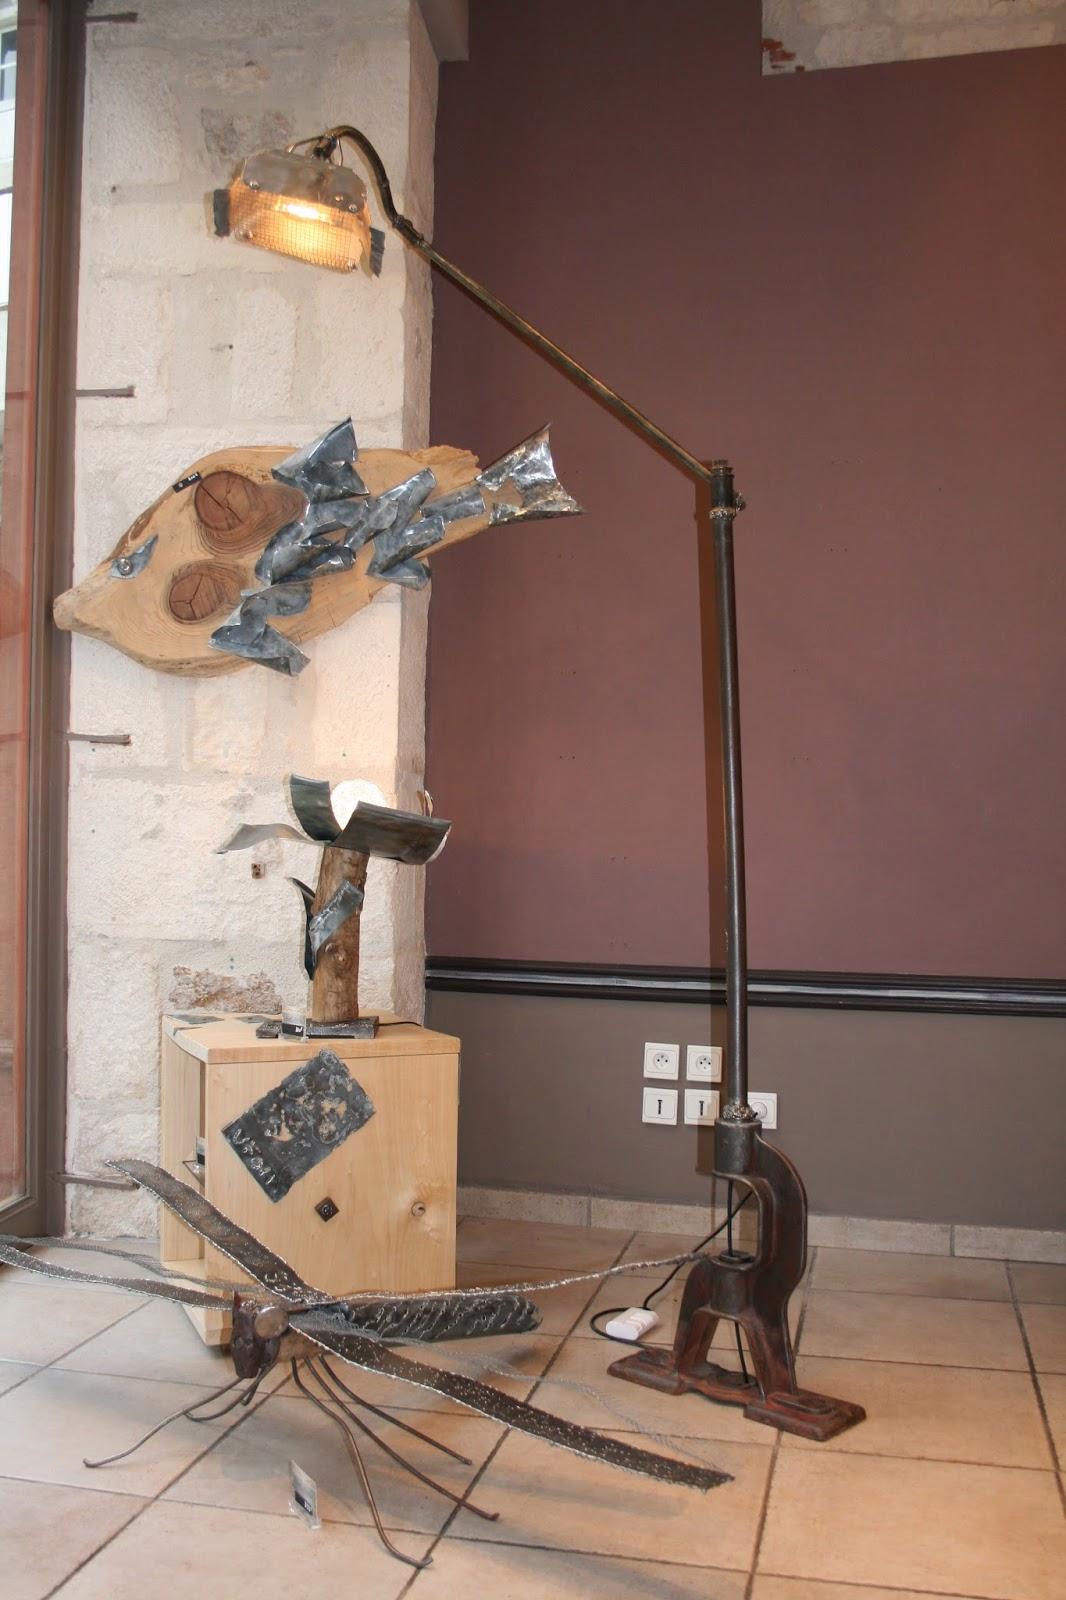 lampe d port avec articulation artcostyle. Black Bedroom Furniture Sets. Home Design Ideas